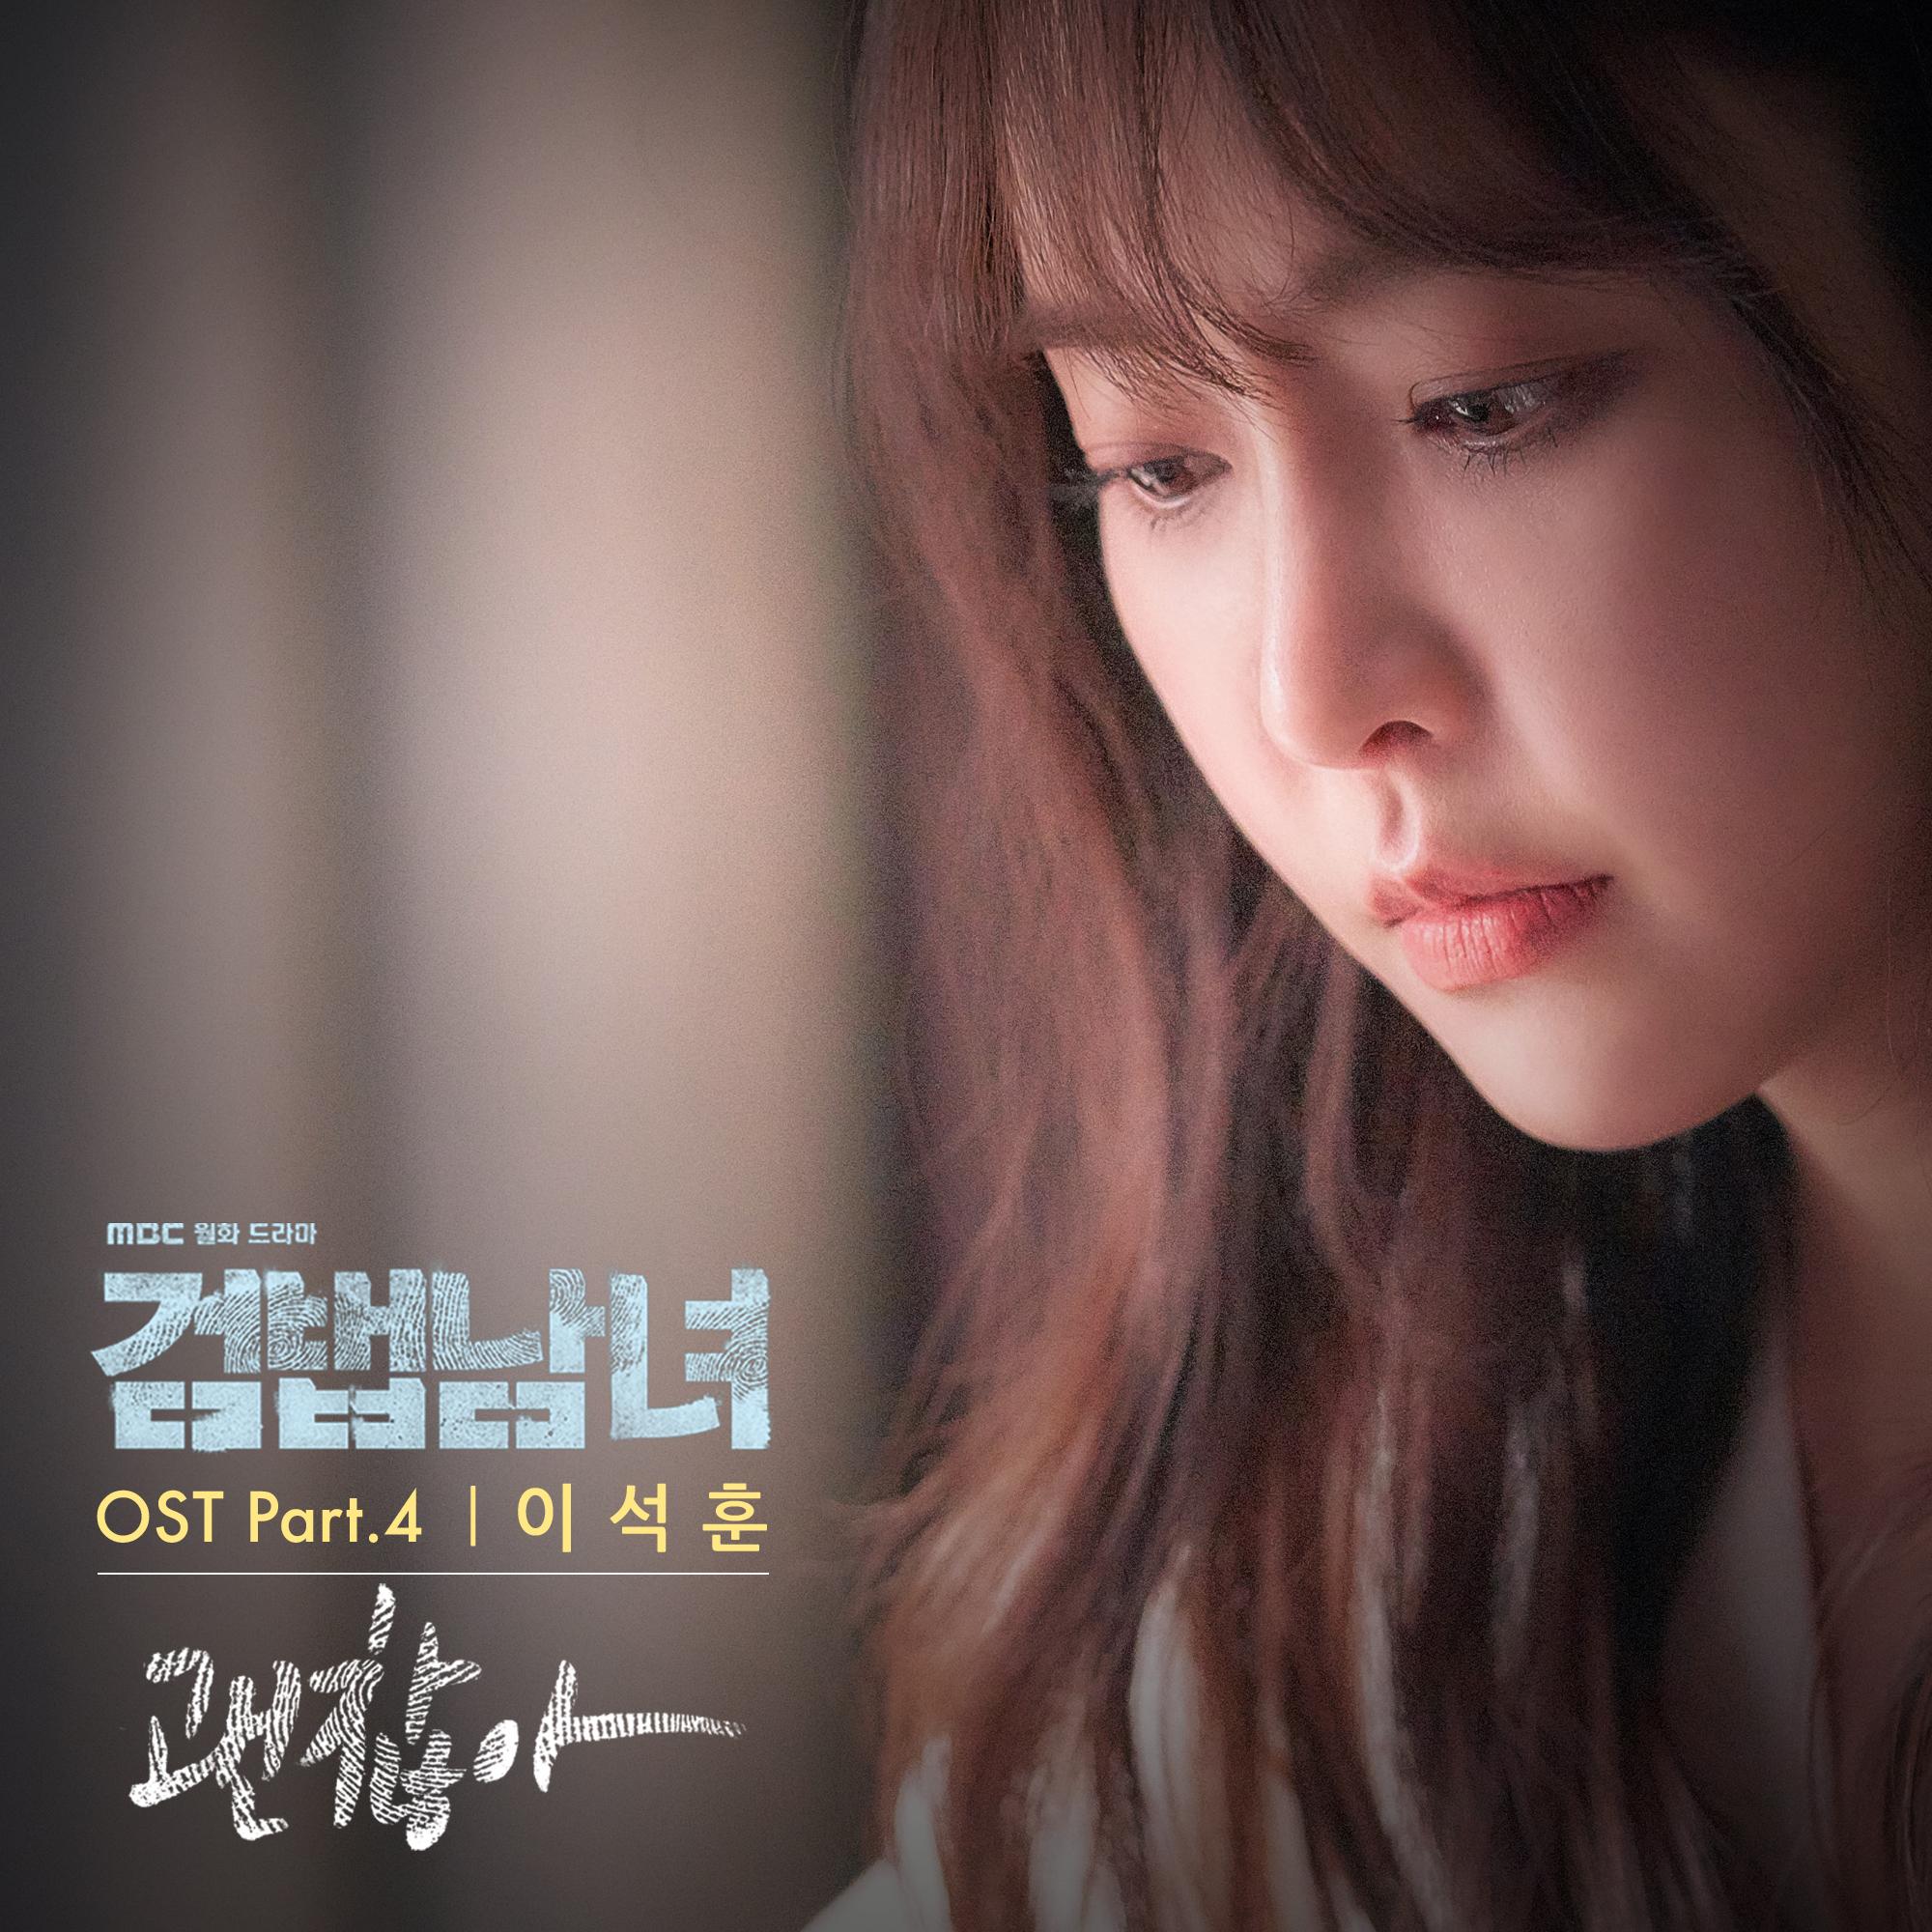 '검법남녀' 네 번째 OST 이석훈이 참여한 '괜찮아' 12일 공개!